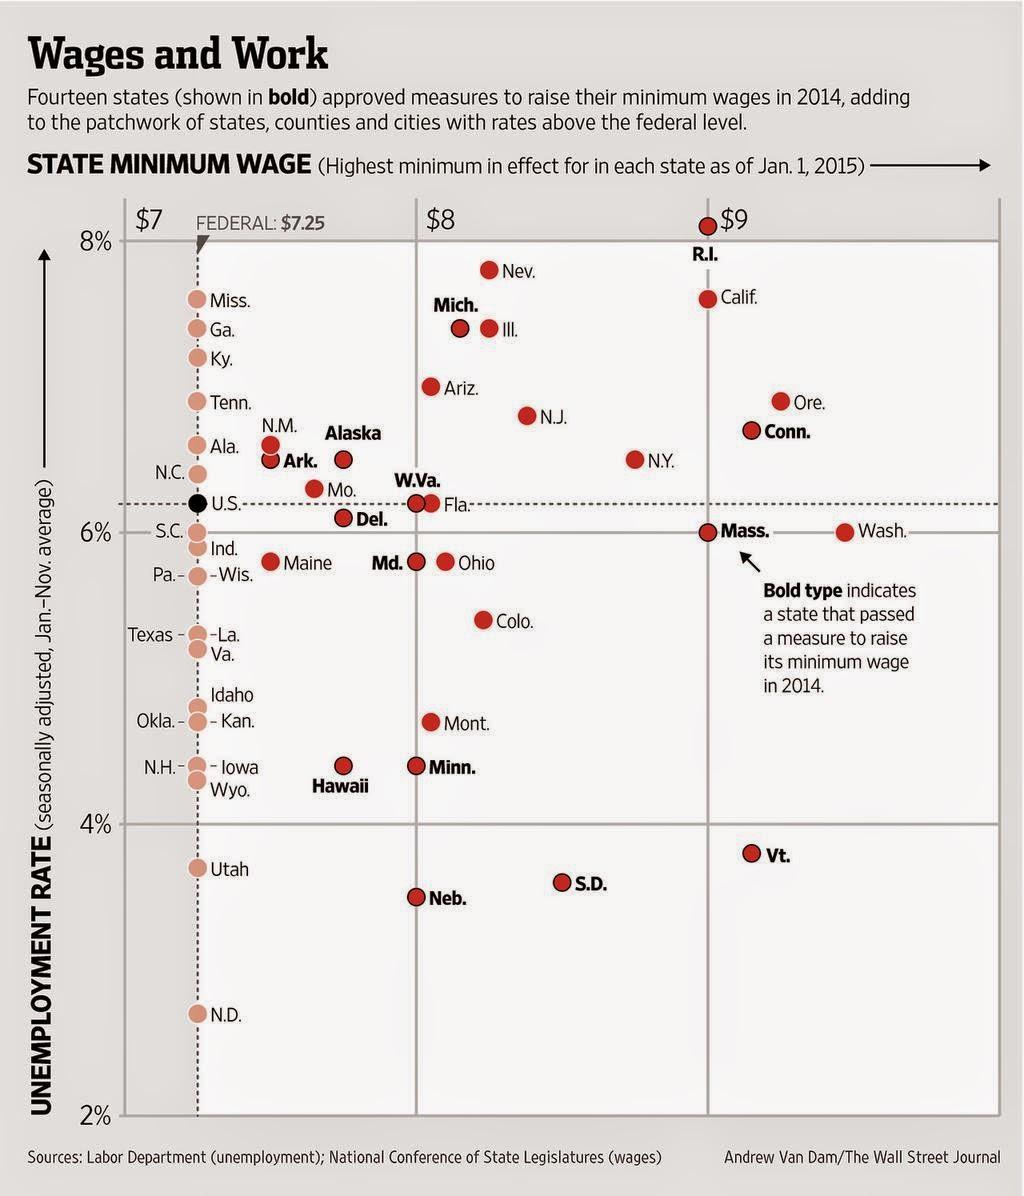 米国 失業率 最低賃金 時給 アメリカ 州別